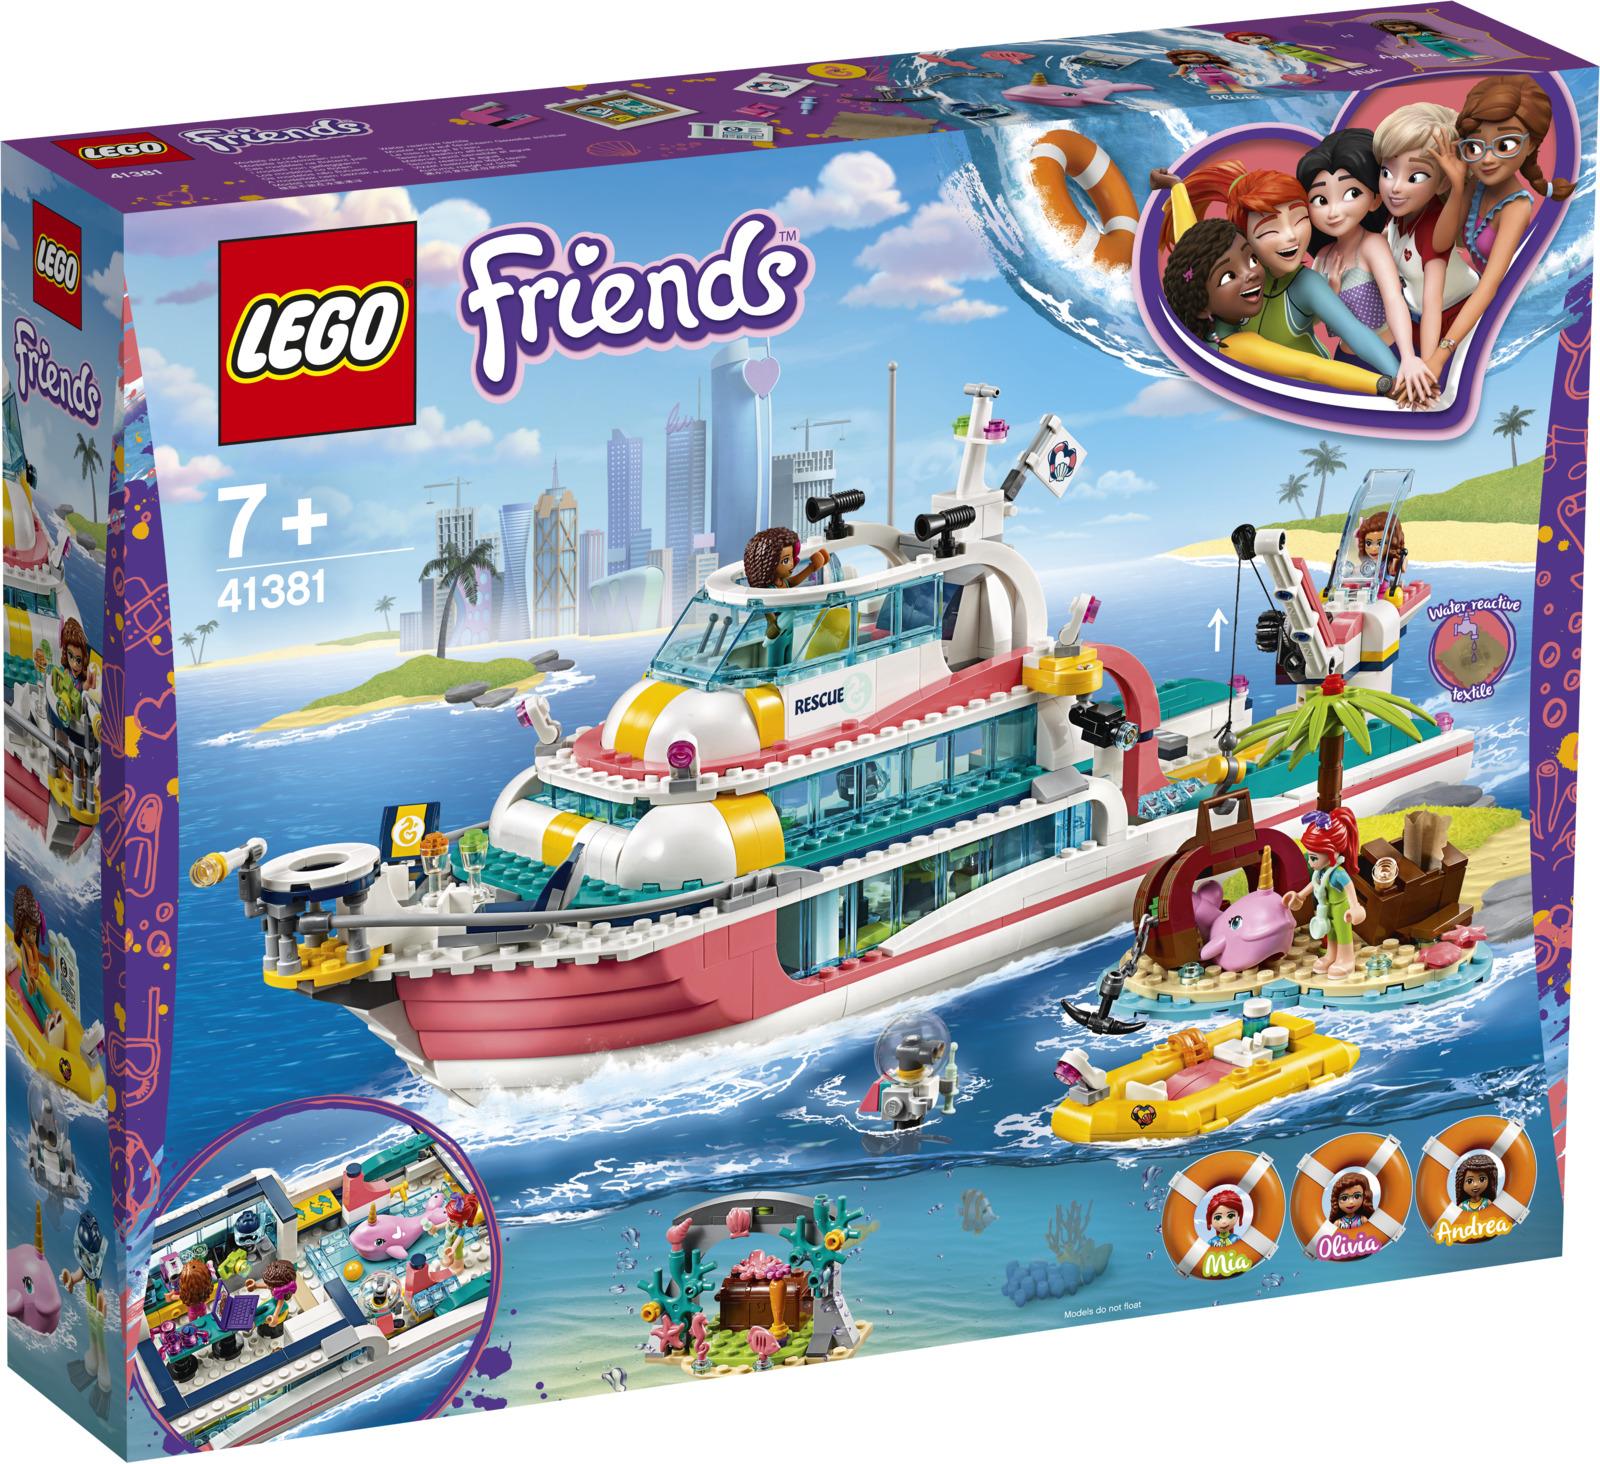 Фото - LEGO Friends 41381 Катер для спасательных операций Конструктор lego friends скоростной катер андреа 41316